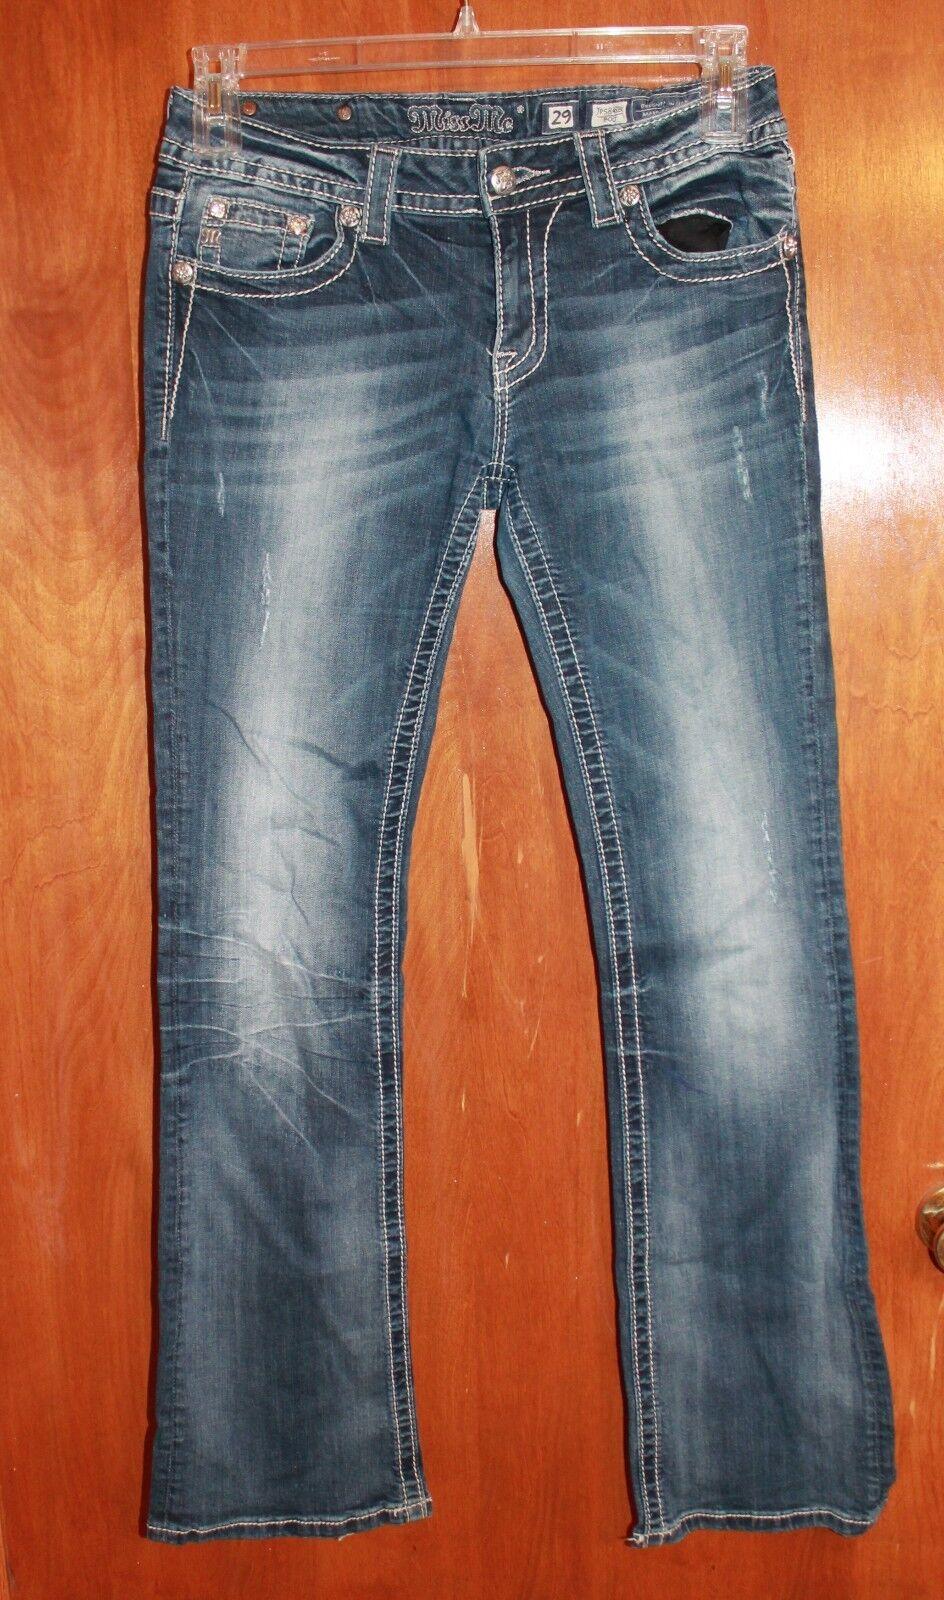 MISS ME Size 29x32 BOOT JEANS (JP5848BV w  Bling & light wear on heels) EUC